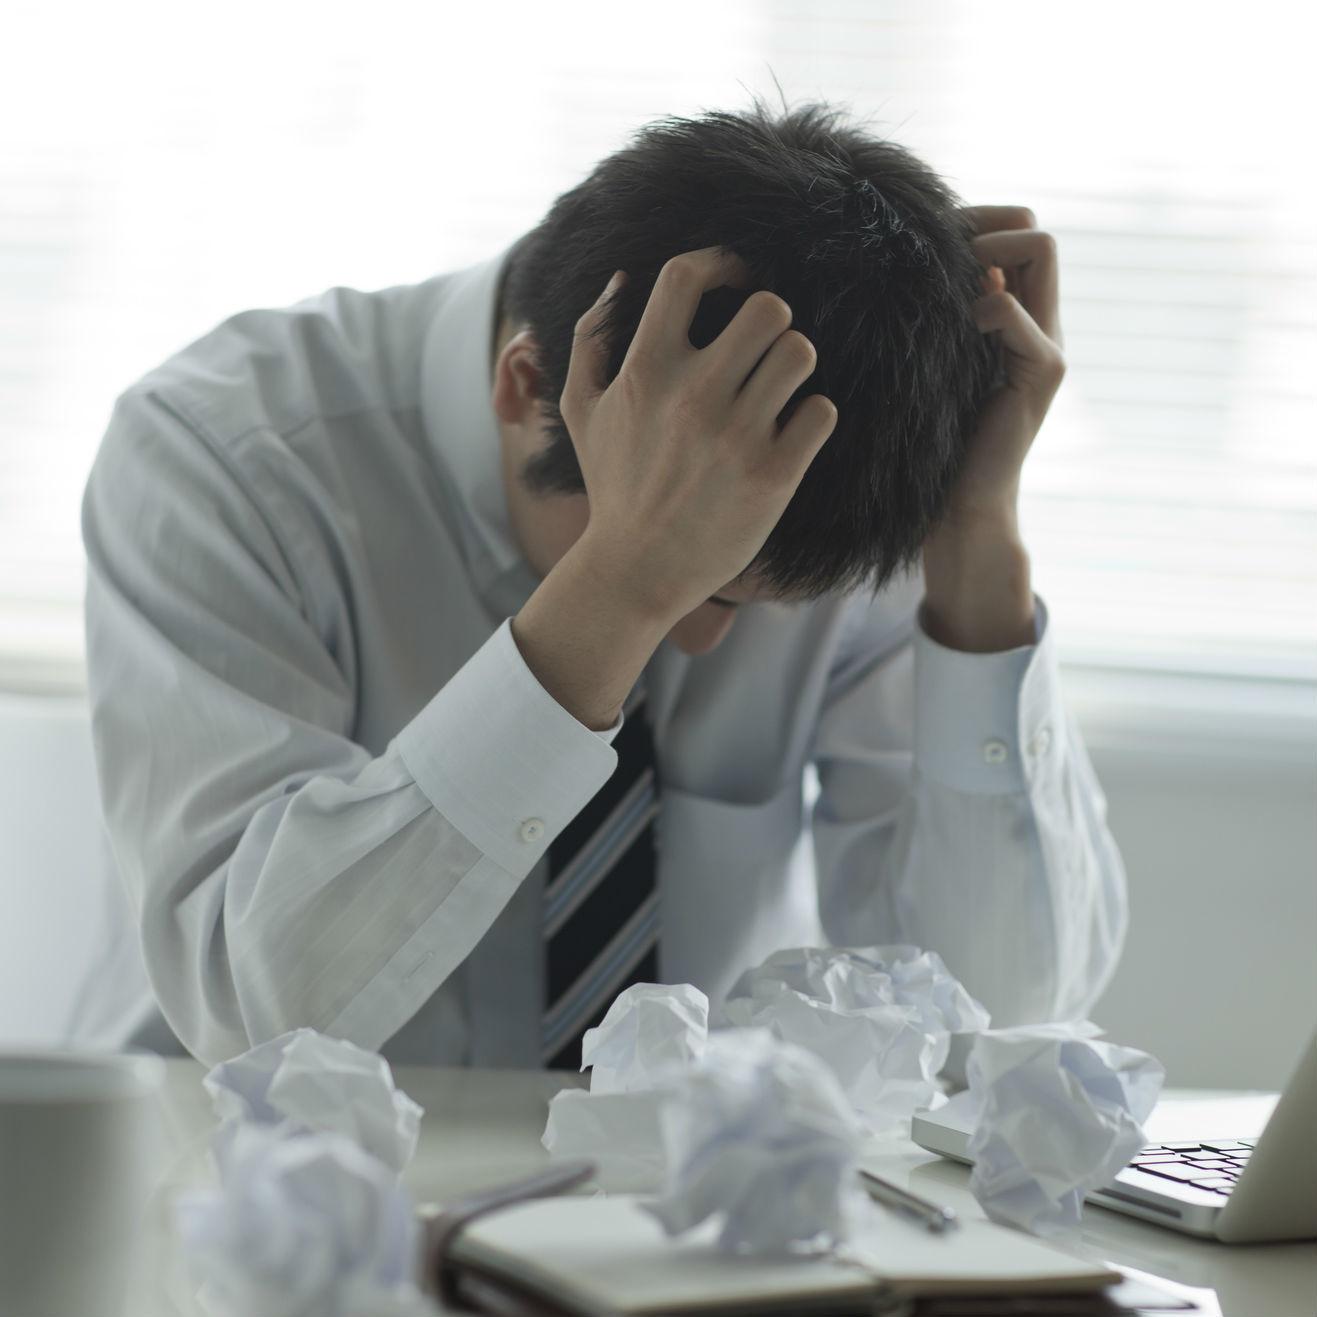 「6時を過ぎると体は眠りに向かう」医師が残業をすすめない理由